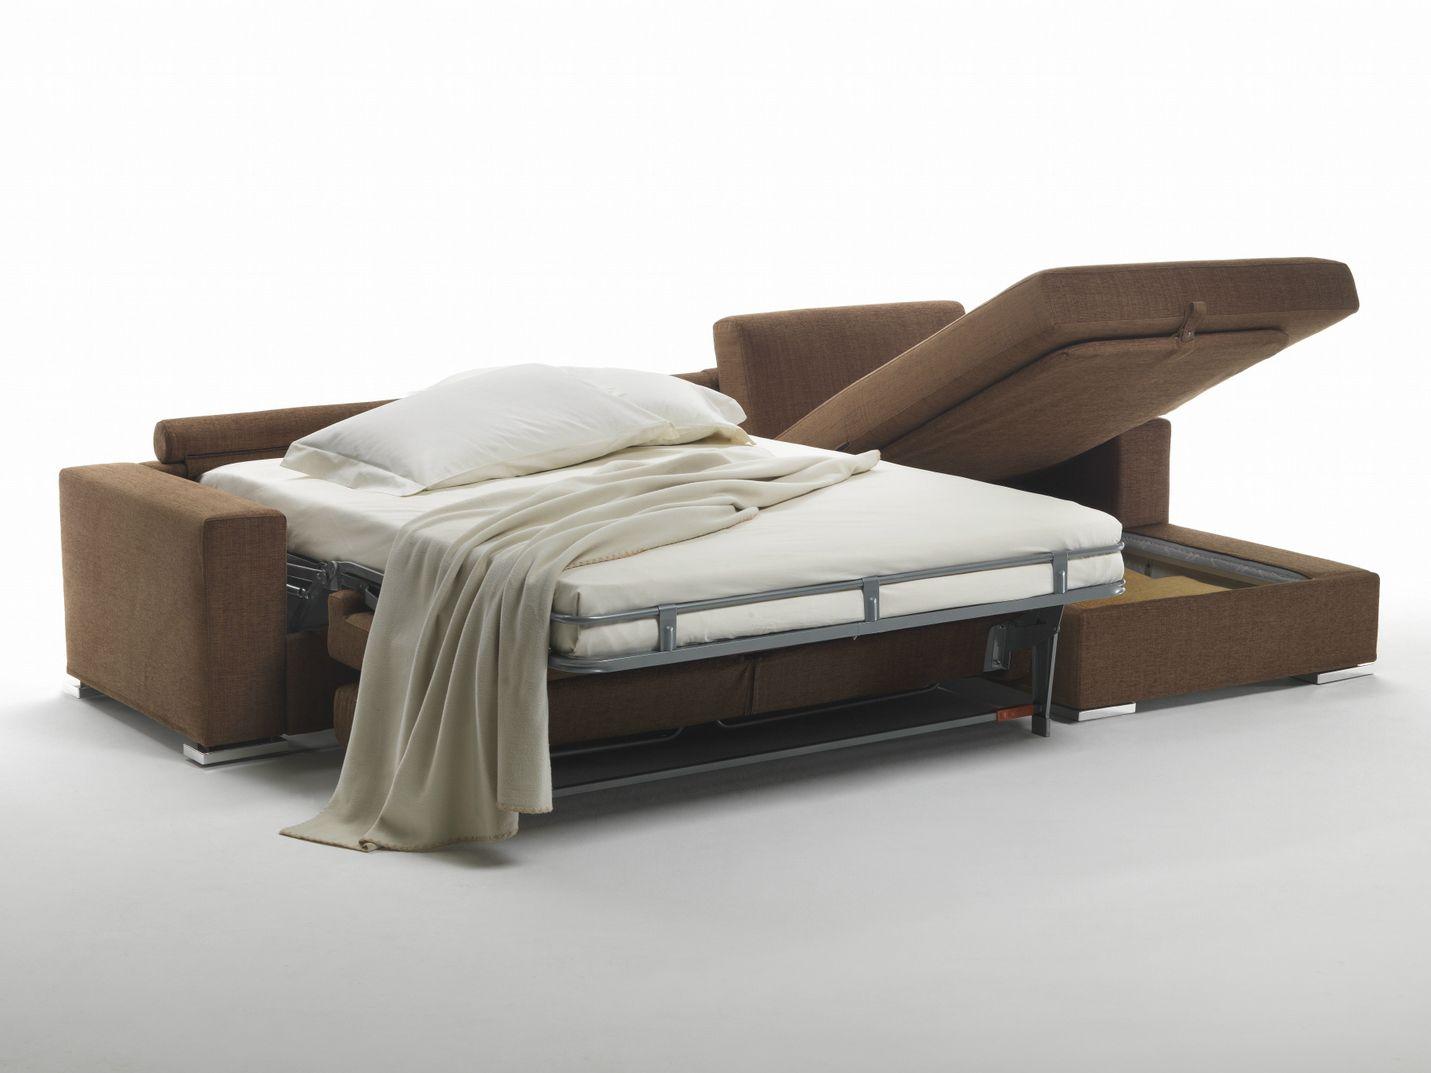 Plus divano letto in tessuto by giulio marelli italia design r d studio emme - Divano letto studio ...